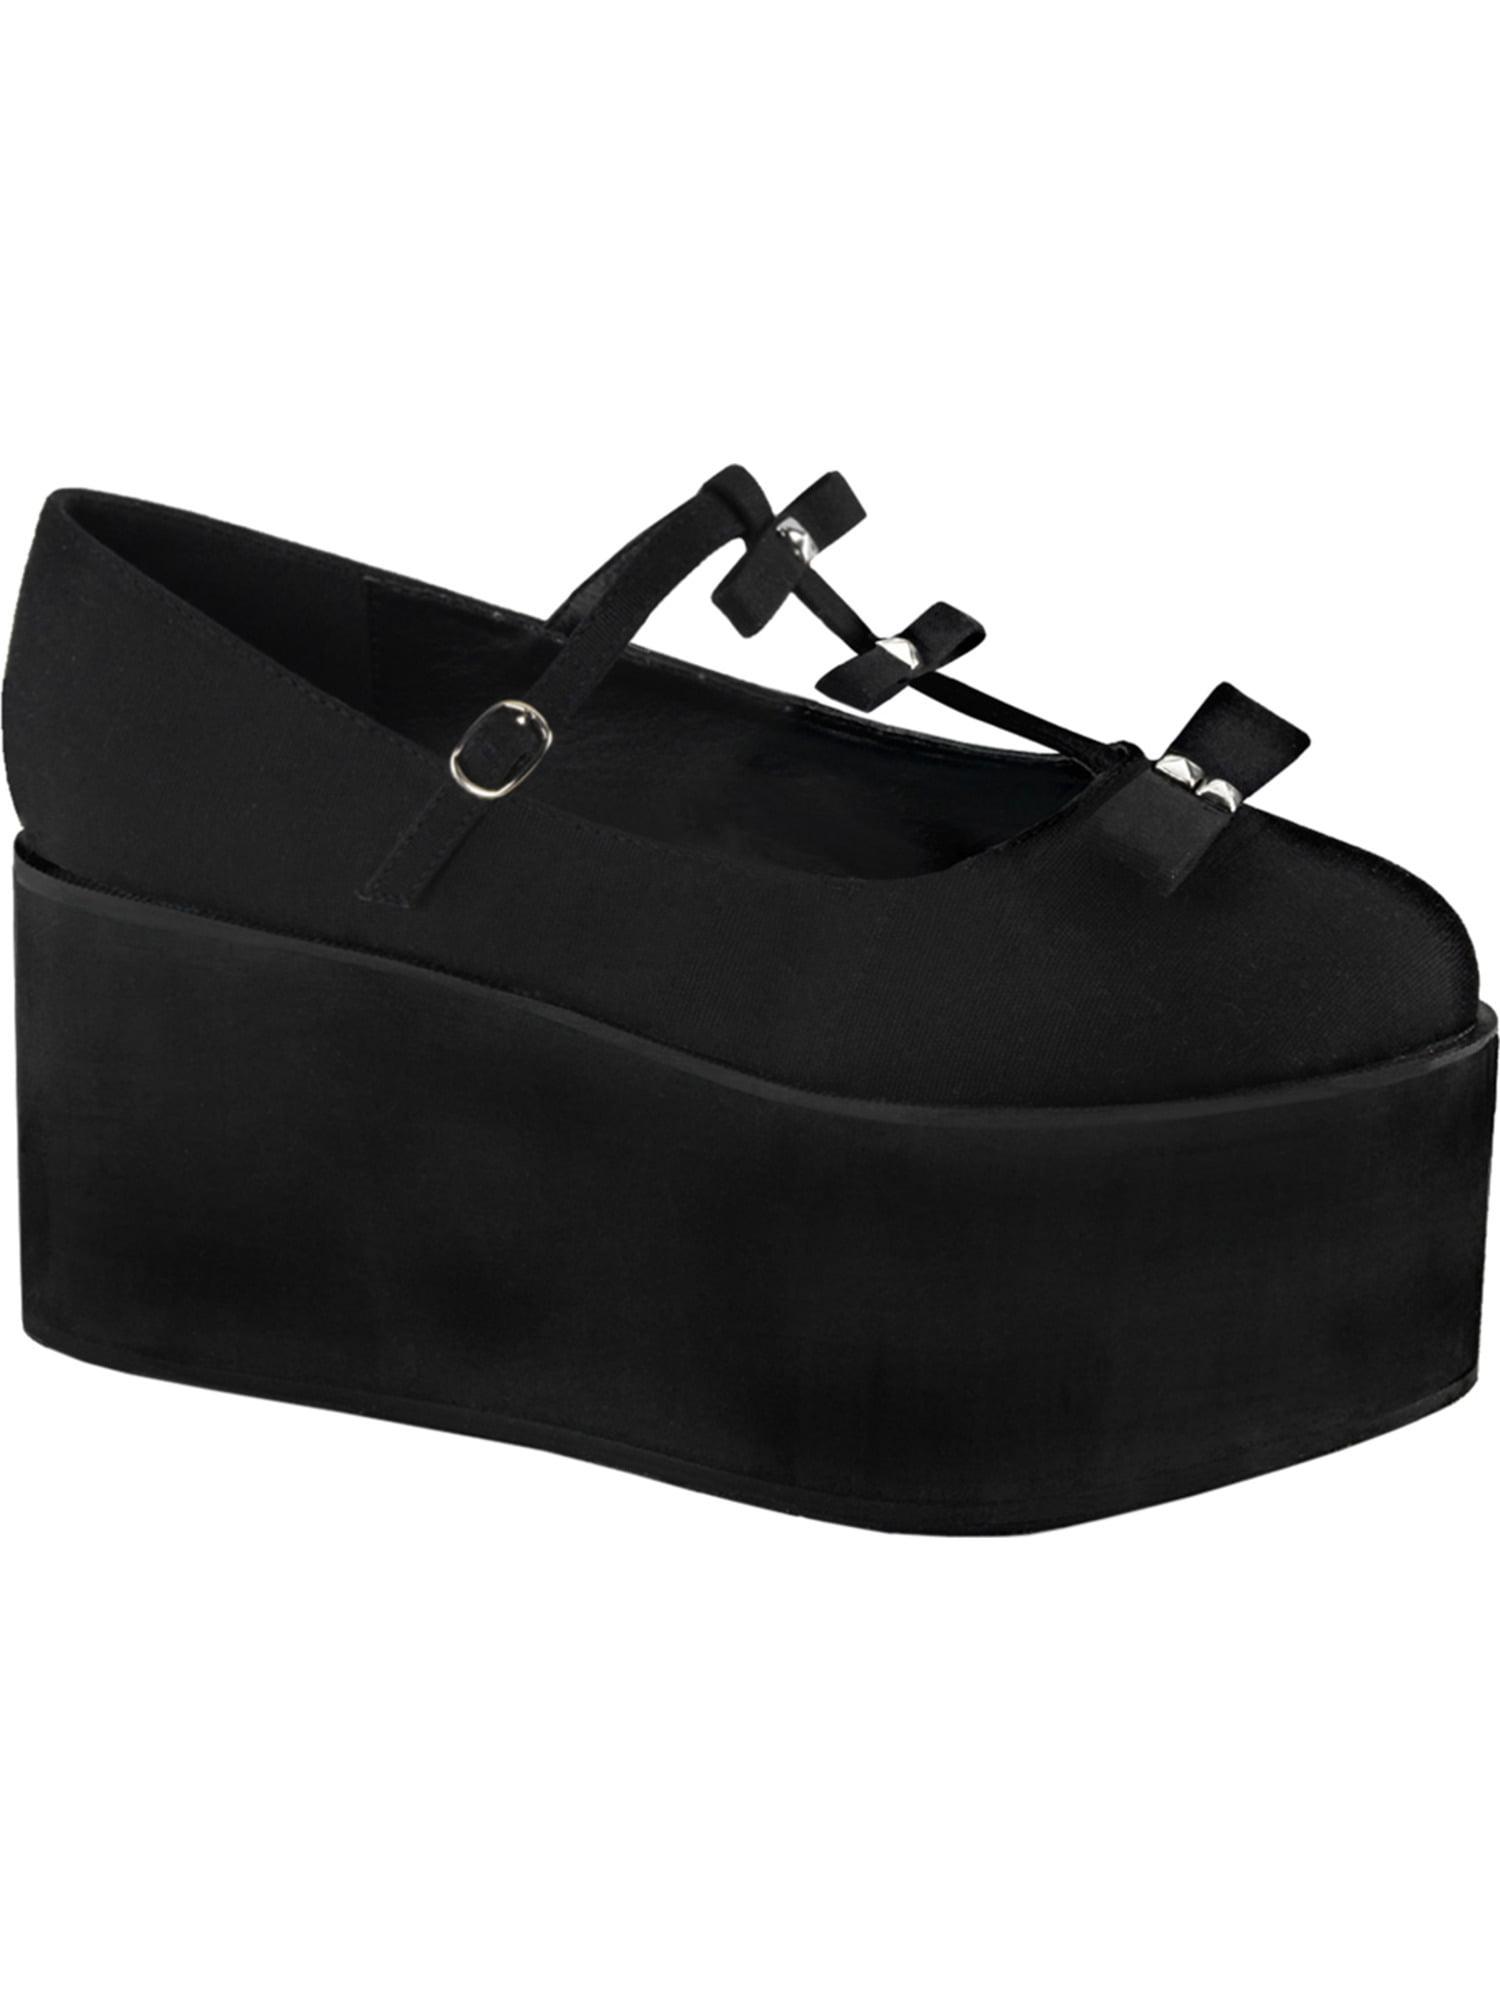 Womens Black Canvas Shoes Bows Studs T Strap Platform Shoes 3 1/4 Inch Platform